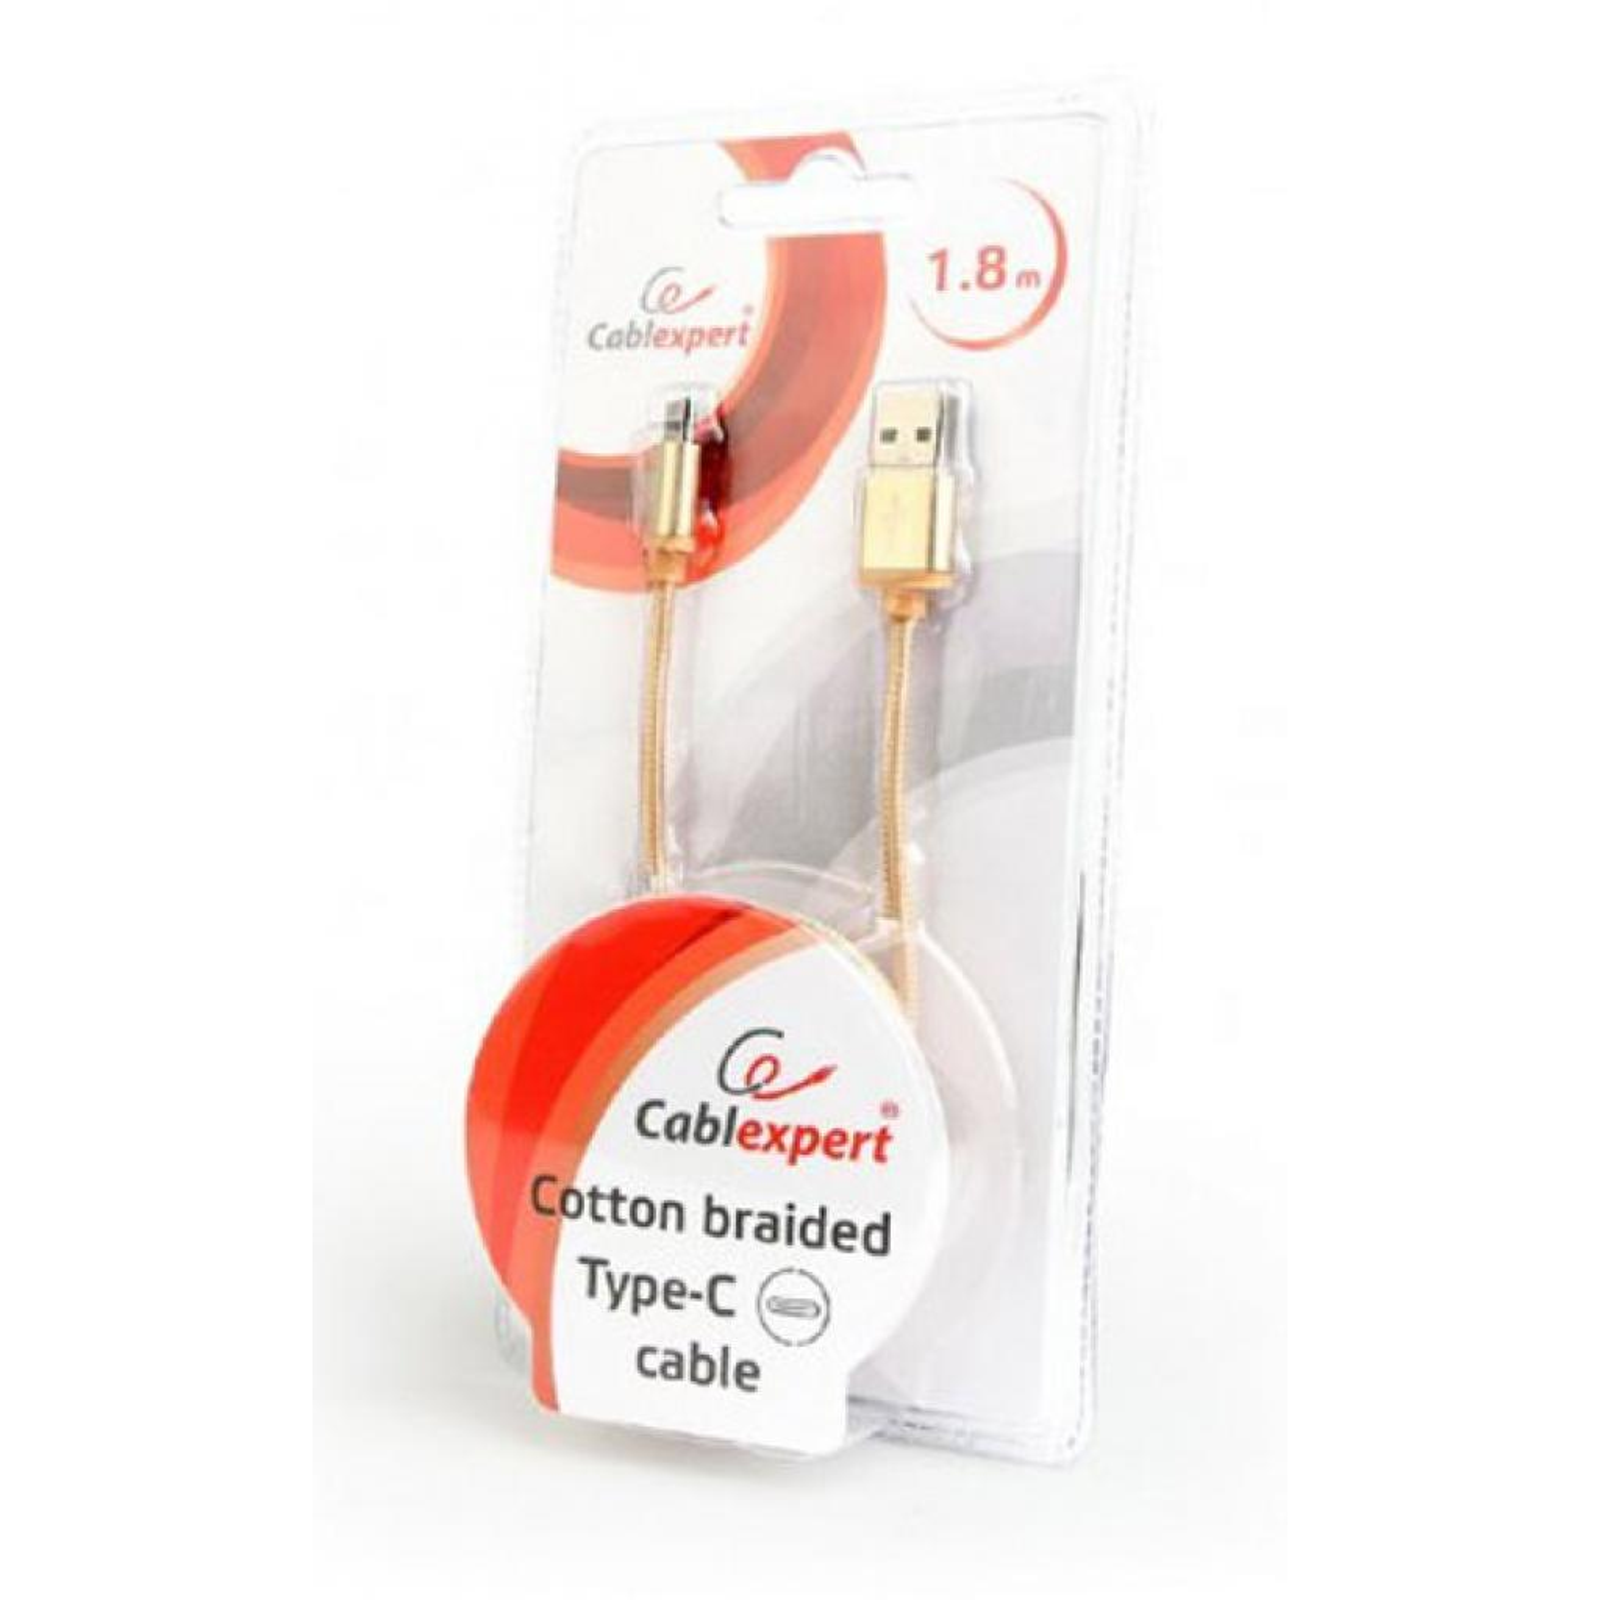 Дата кабель USB 2.0 AM to Type-C 1.0m Cablexpert (CCB-mUSB2B-AMCM-6-G) изображение 3